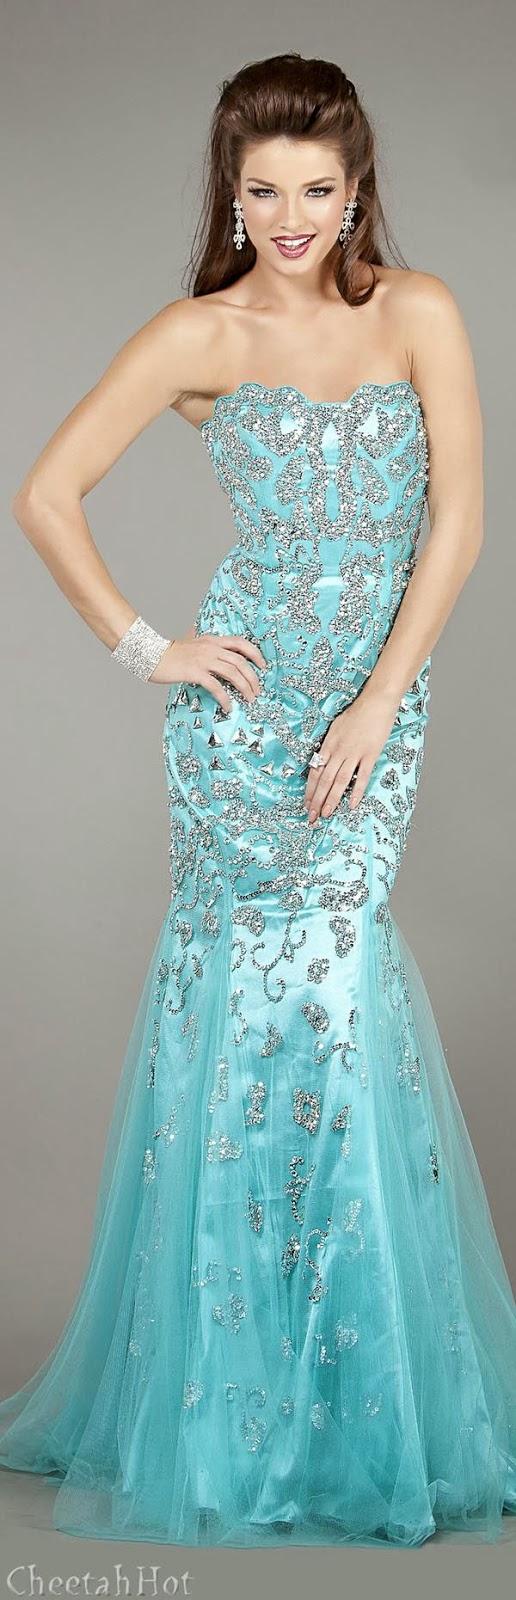 JOVANI - Aqua Gown | Dazzling Dresses & Gowns | Pinterest | Aqua ...